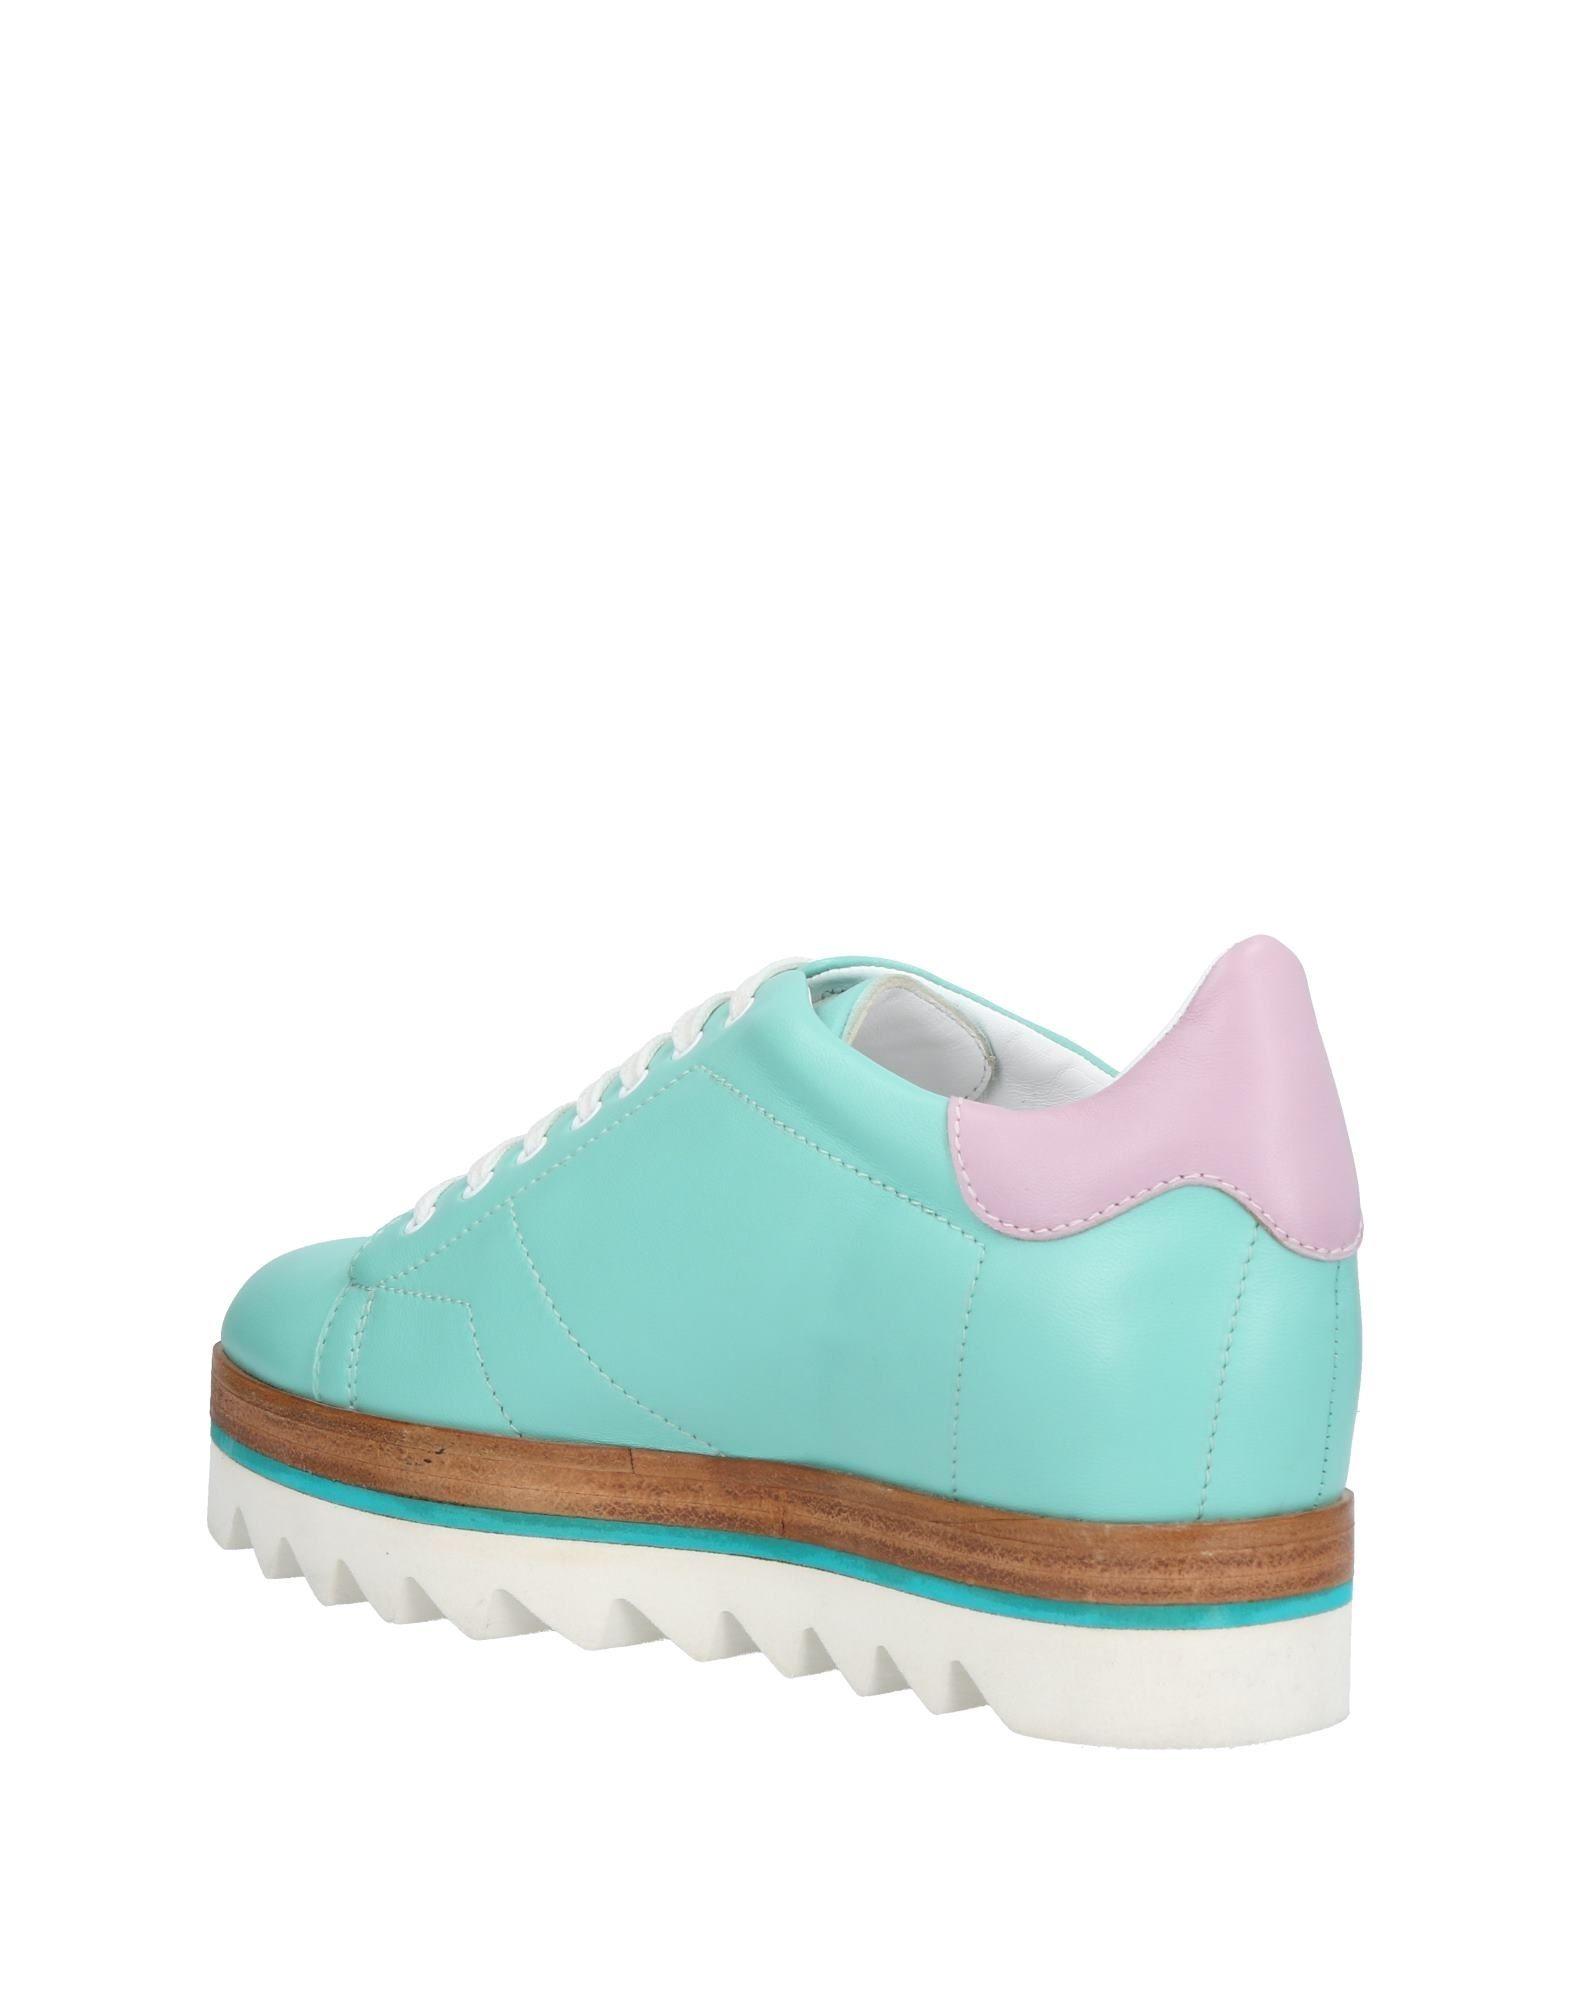 CHAUSSURES - Chaussures à lacetsAldo Castagna Wu19T3